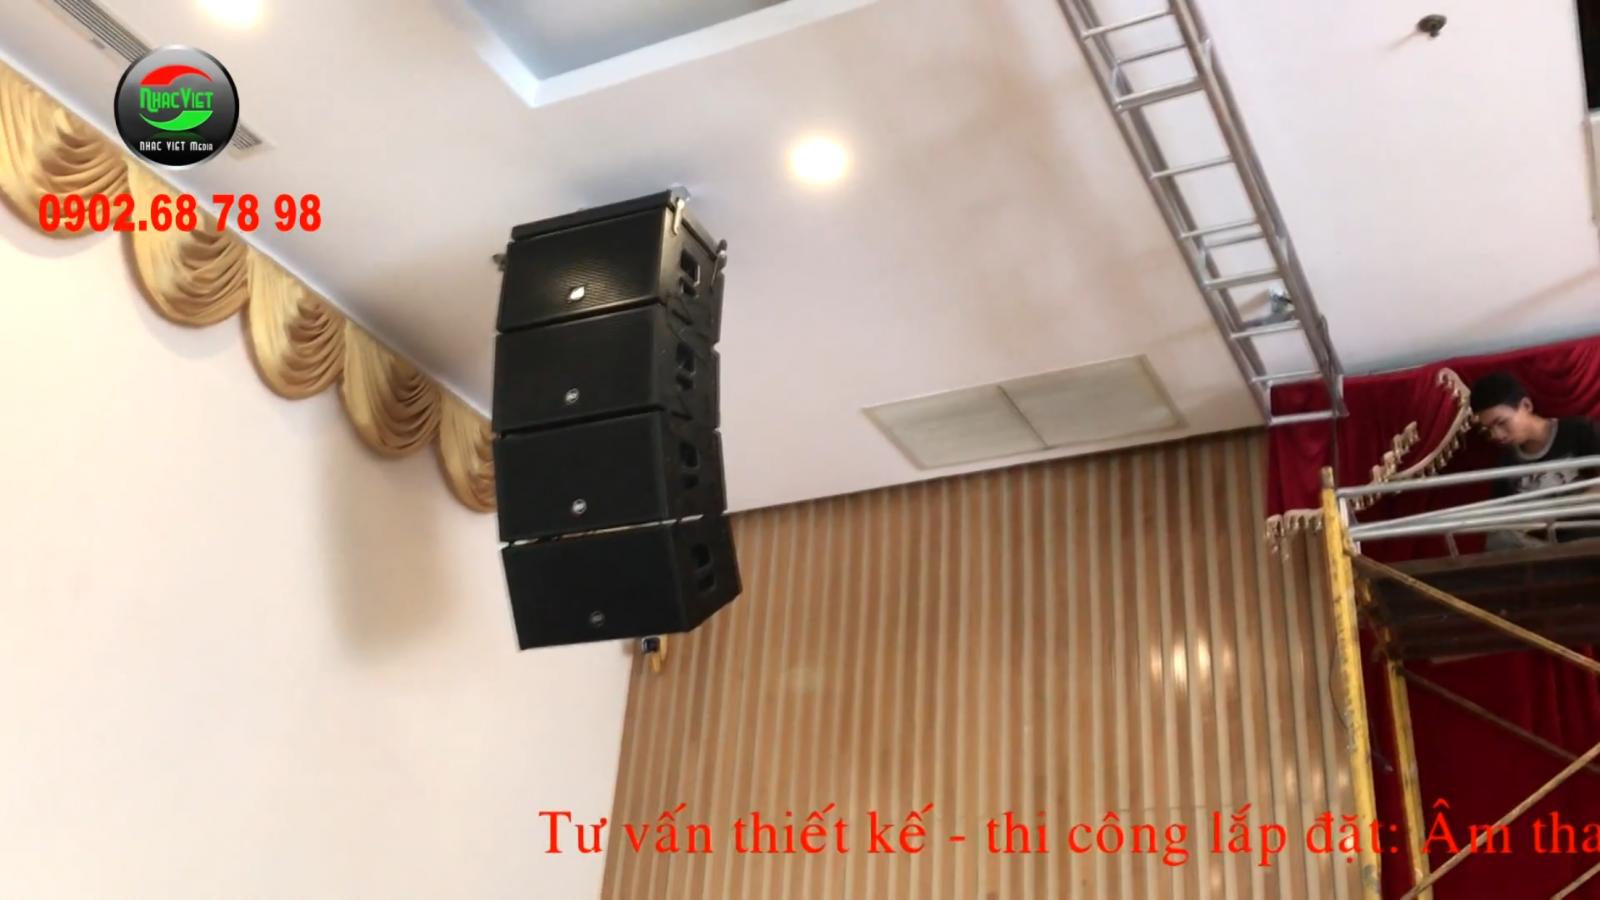 Tư vấn thiết kế thi công lắp đặt âm thanh ánh sáng cho nhà hàng tiệc cưới 0902.687898